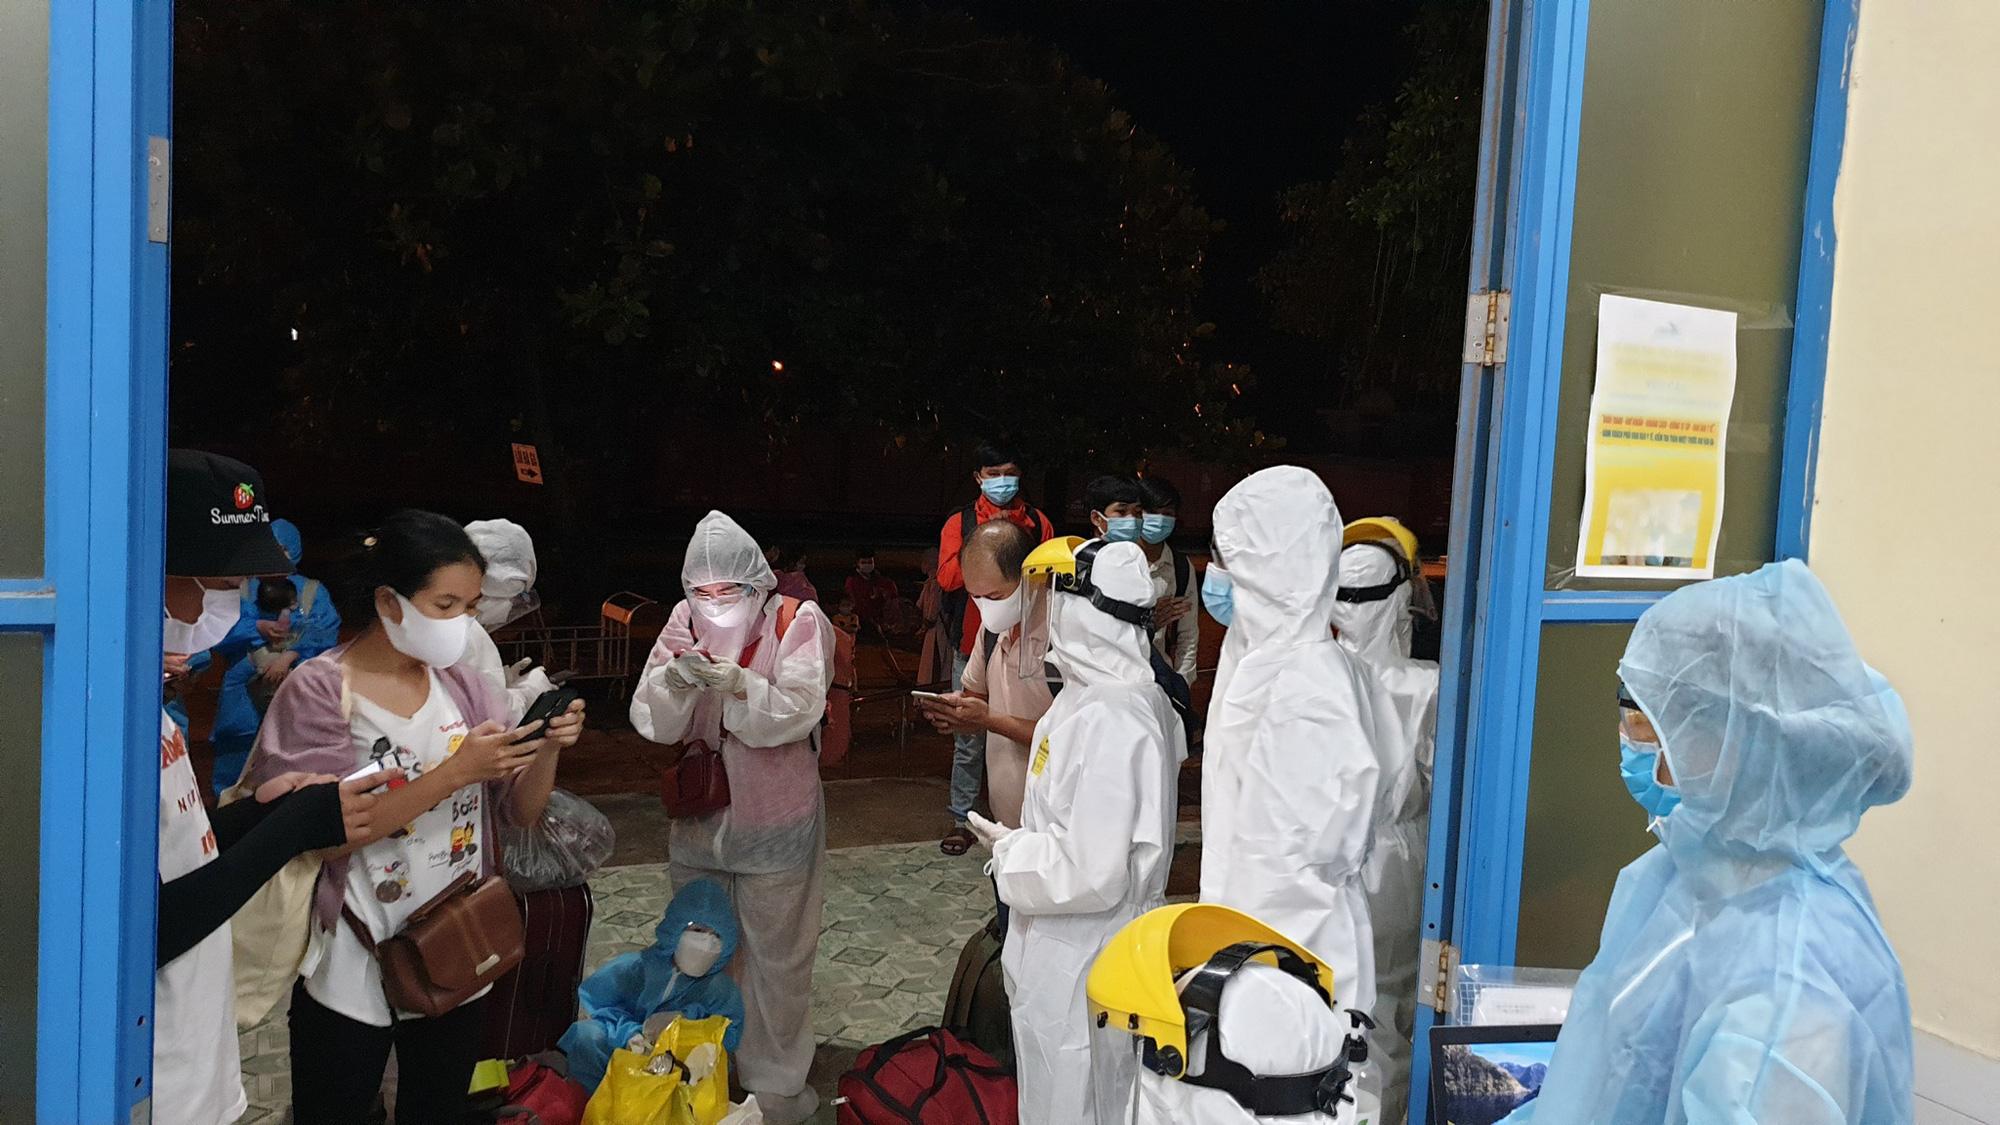 Quảng Trị sẵn sàng phối hợp nếu công dân Huế muốn về quê nhà cách ly - Ảnh 2.